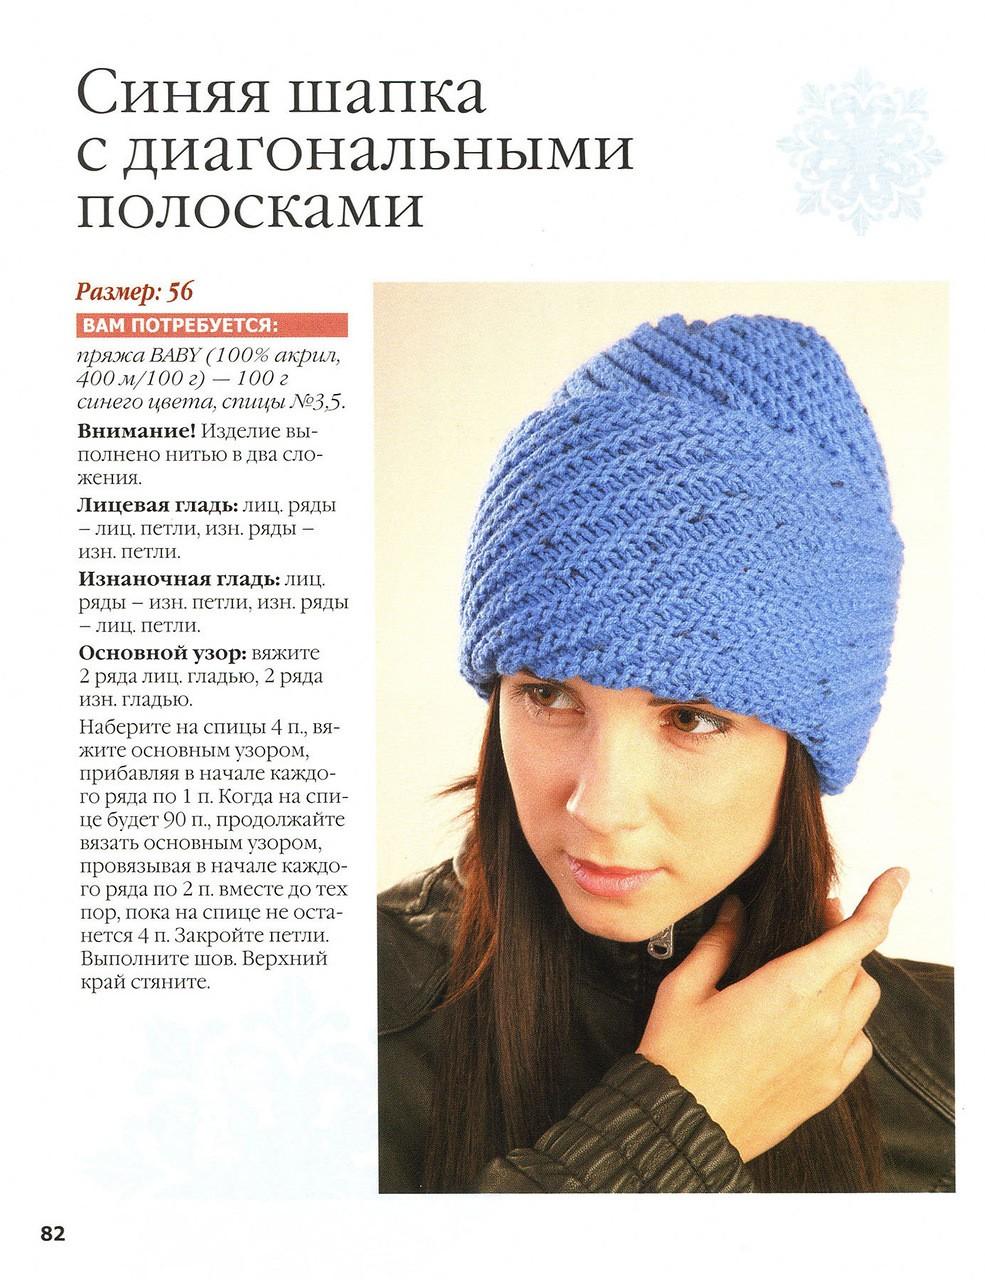 Вязание шапки спицами с отворотом: с диагональными полосками